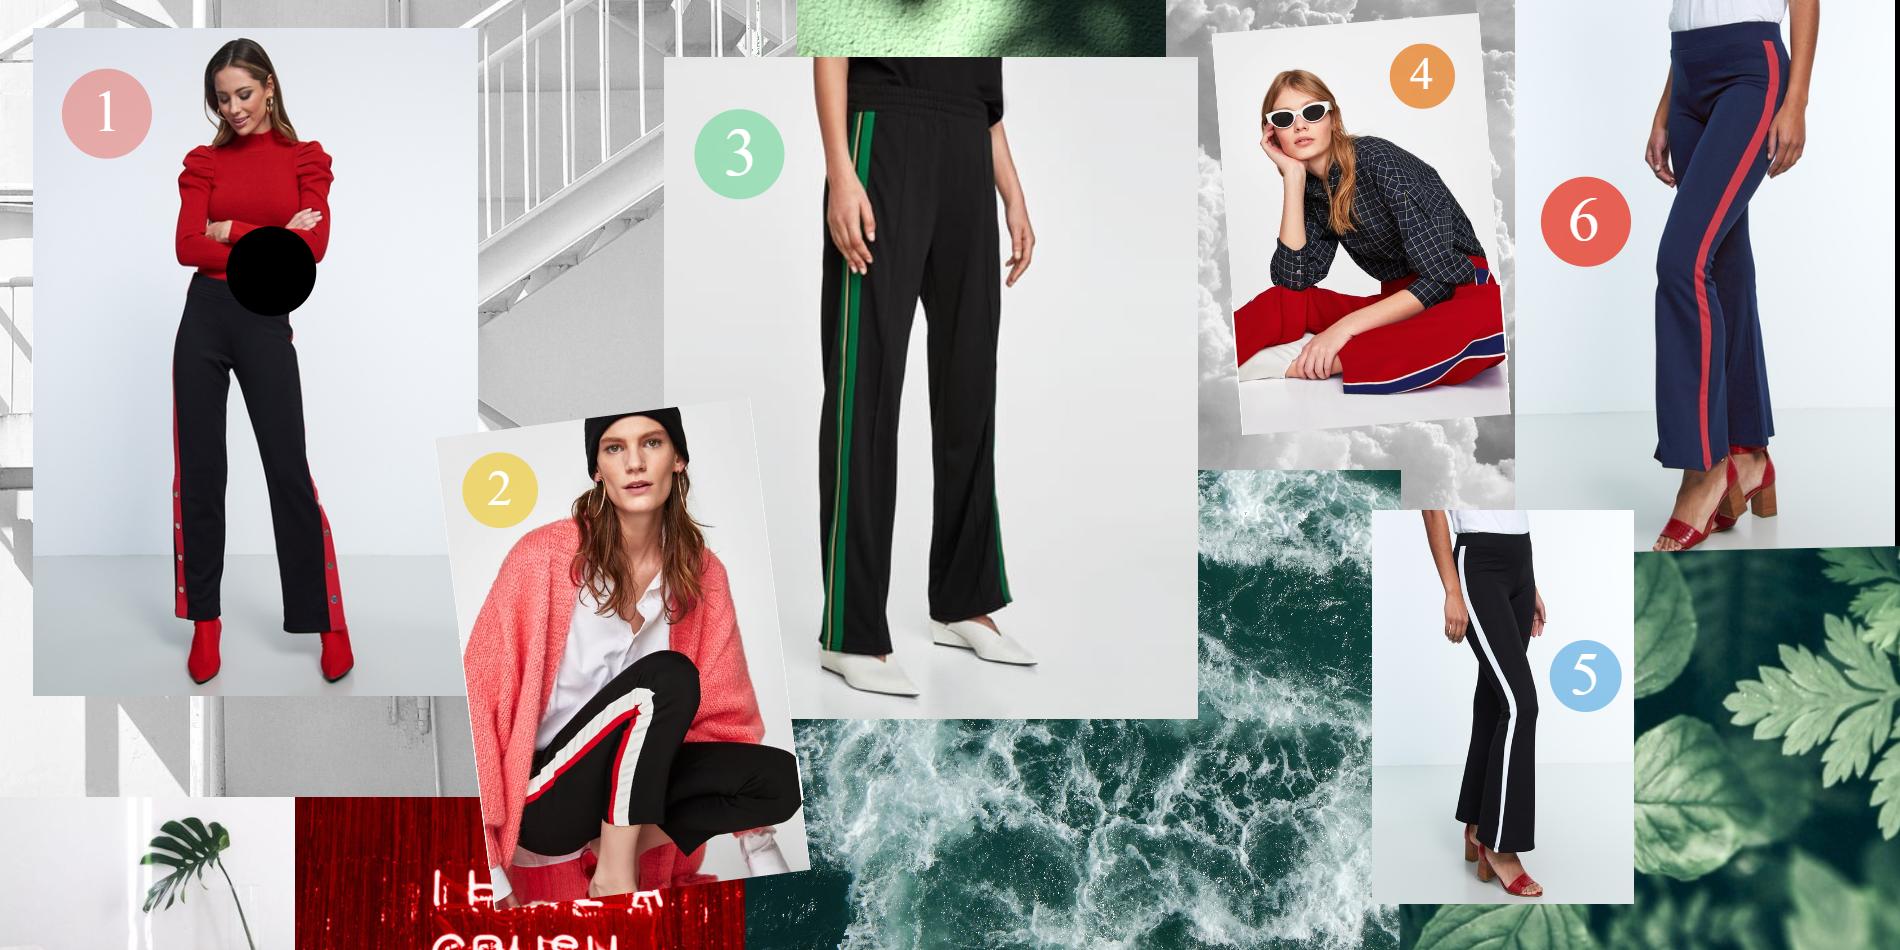 Följ den nya trenden - byxor med färgglad rand ★